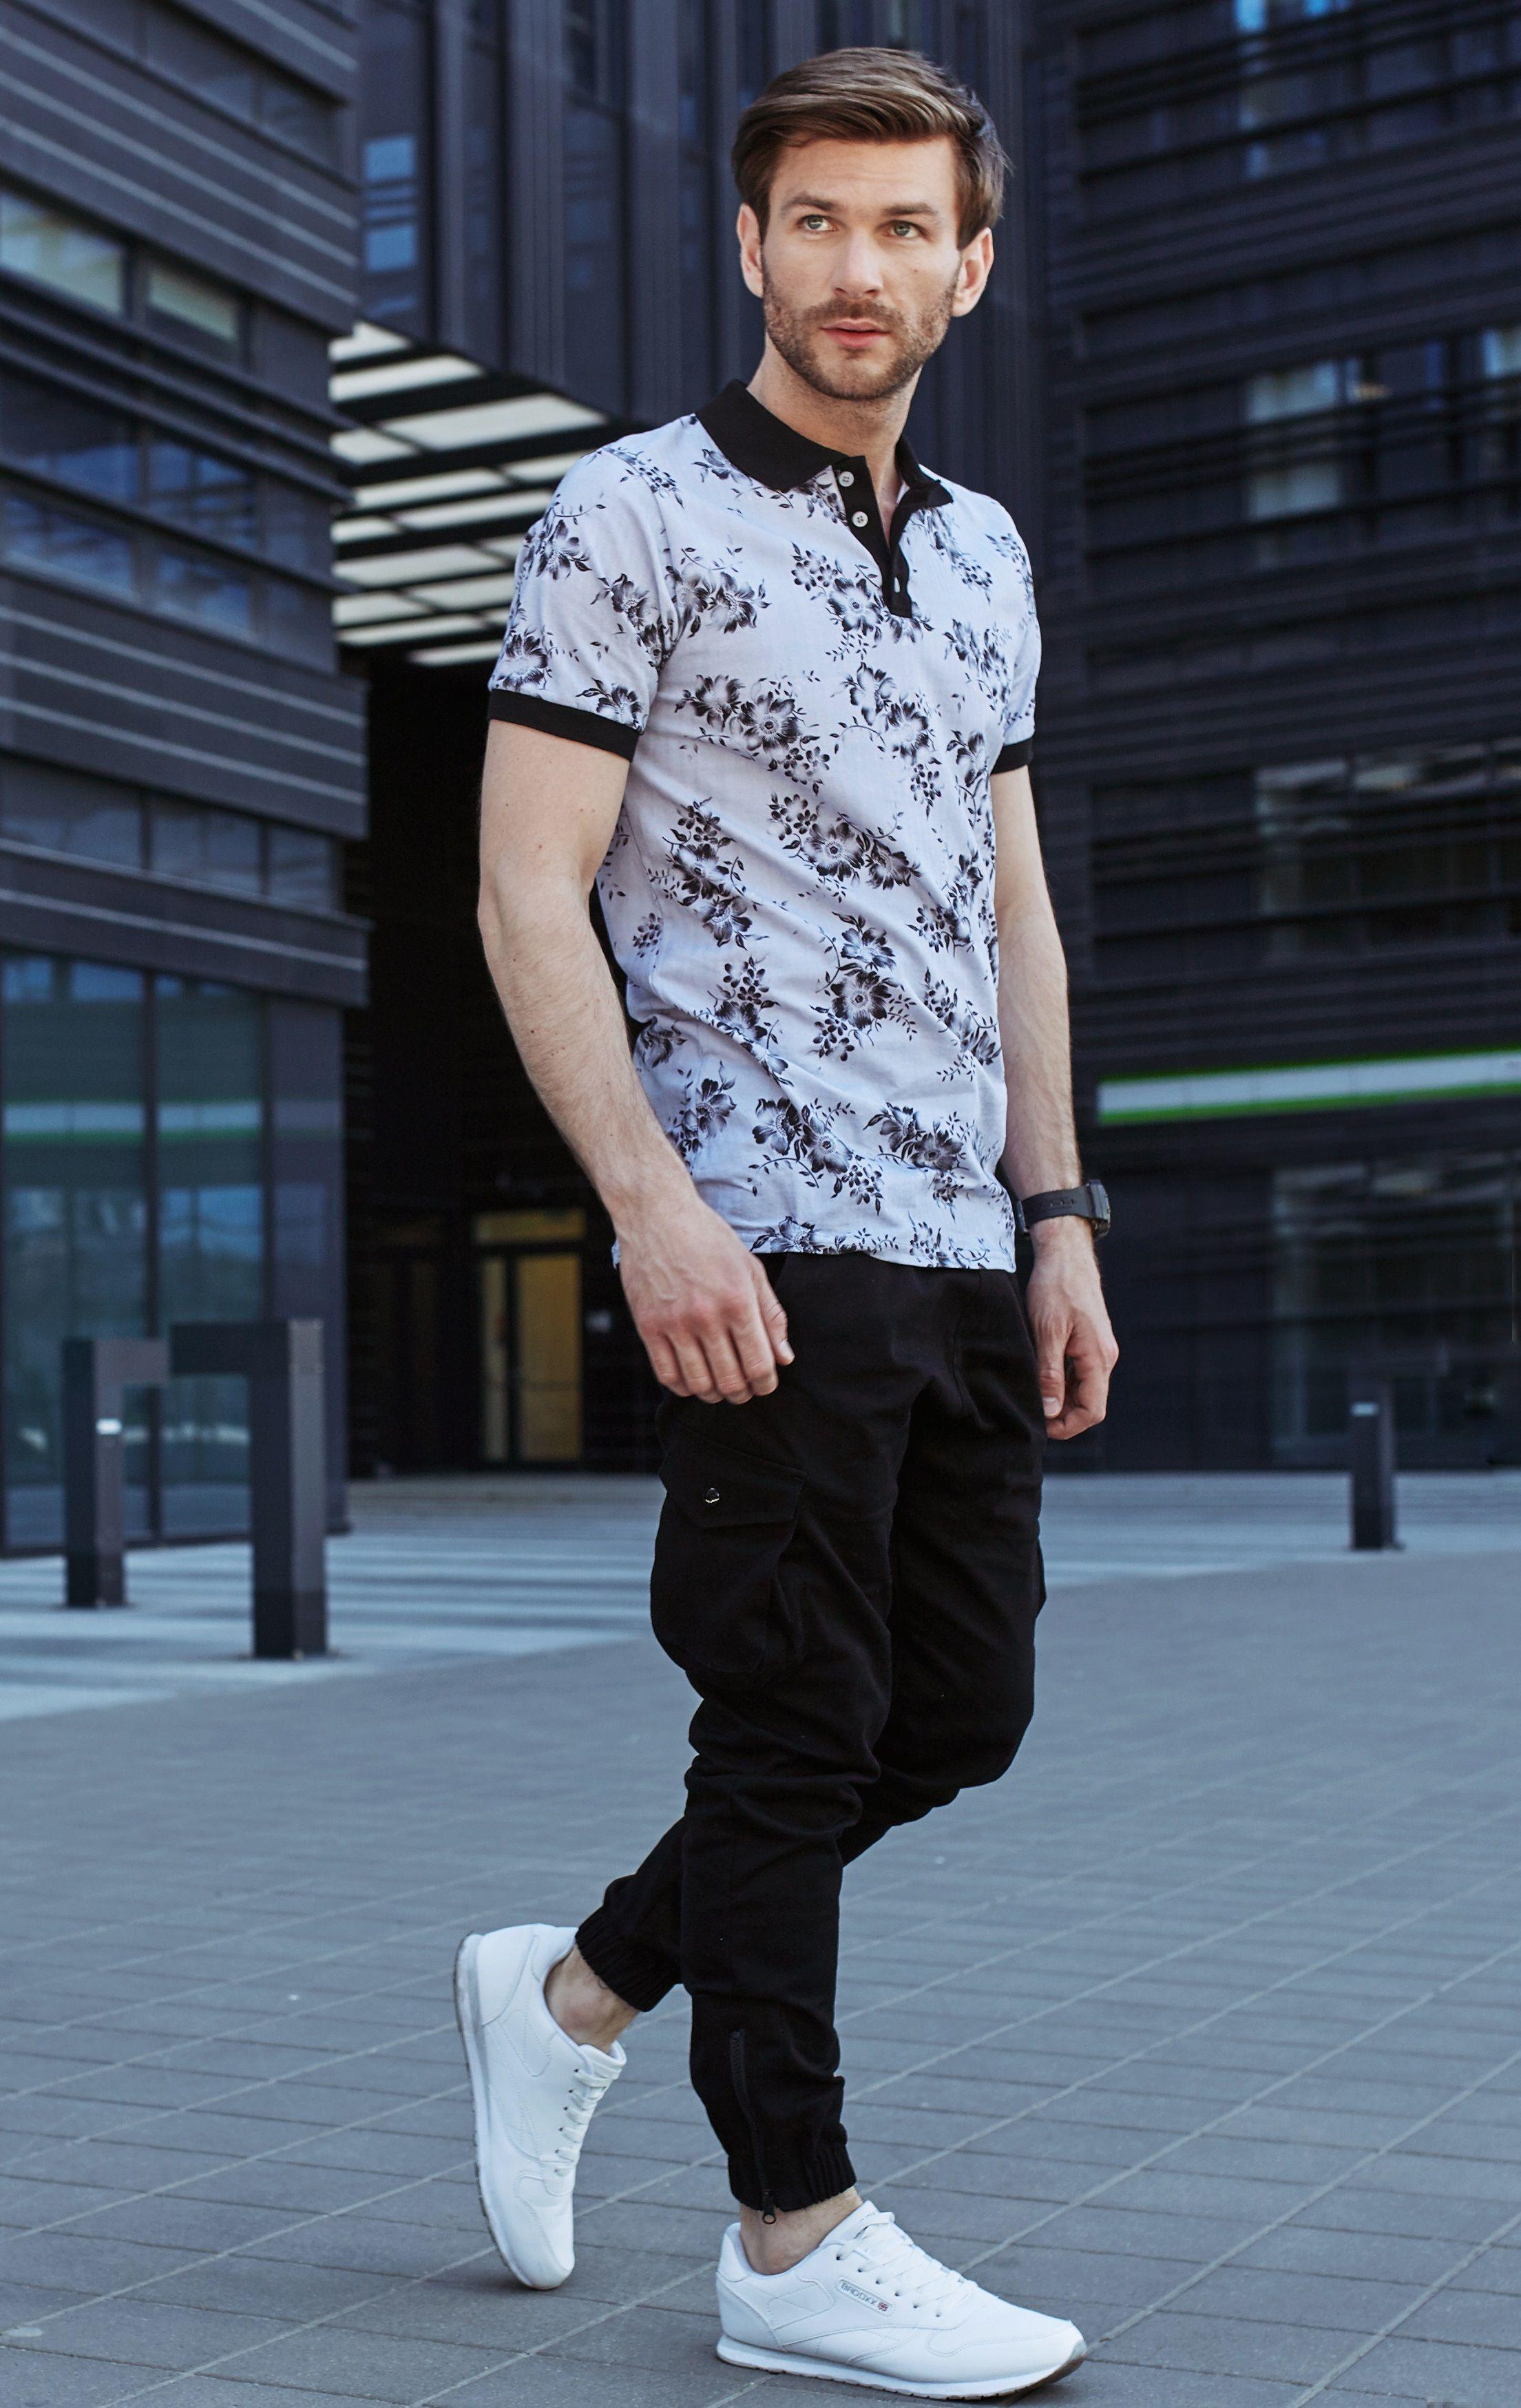 Koszulki Polo To Niebanalne Dopelnienie Letnich Stylizacji Sa Stylowe I Wygodne Przyciagaja Spojrzen Online Mens Clothing Online Shopping Clothes Mens Shirts